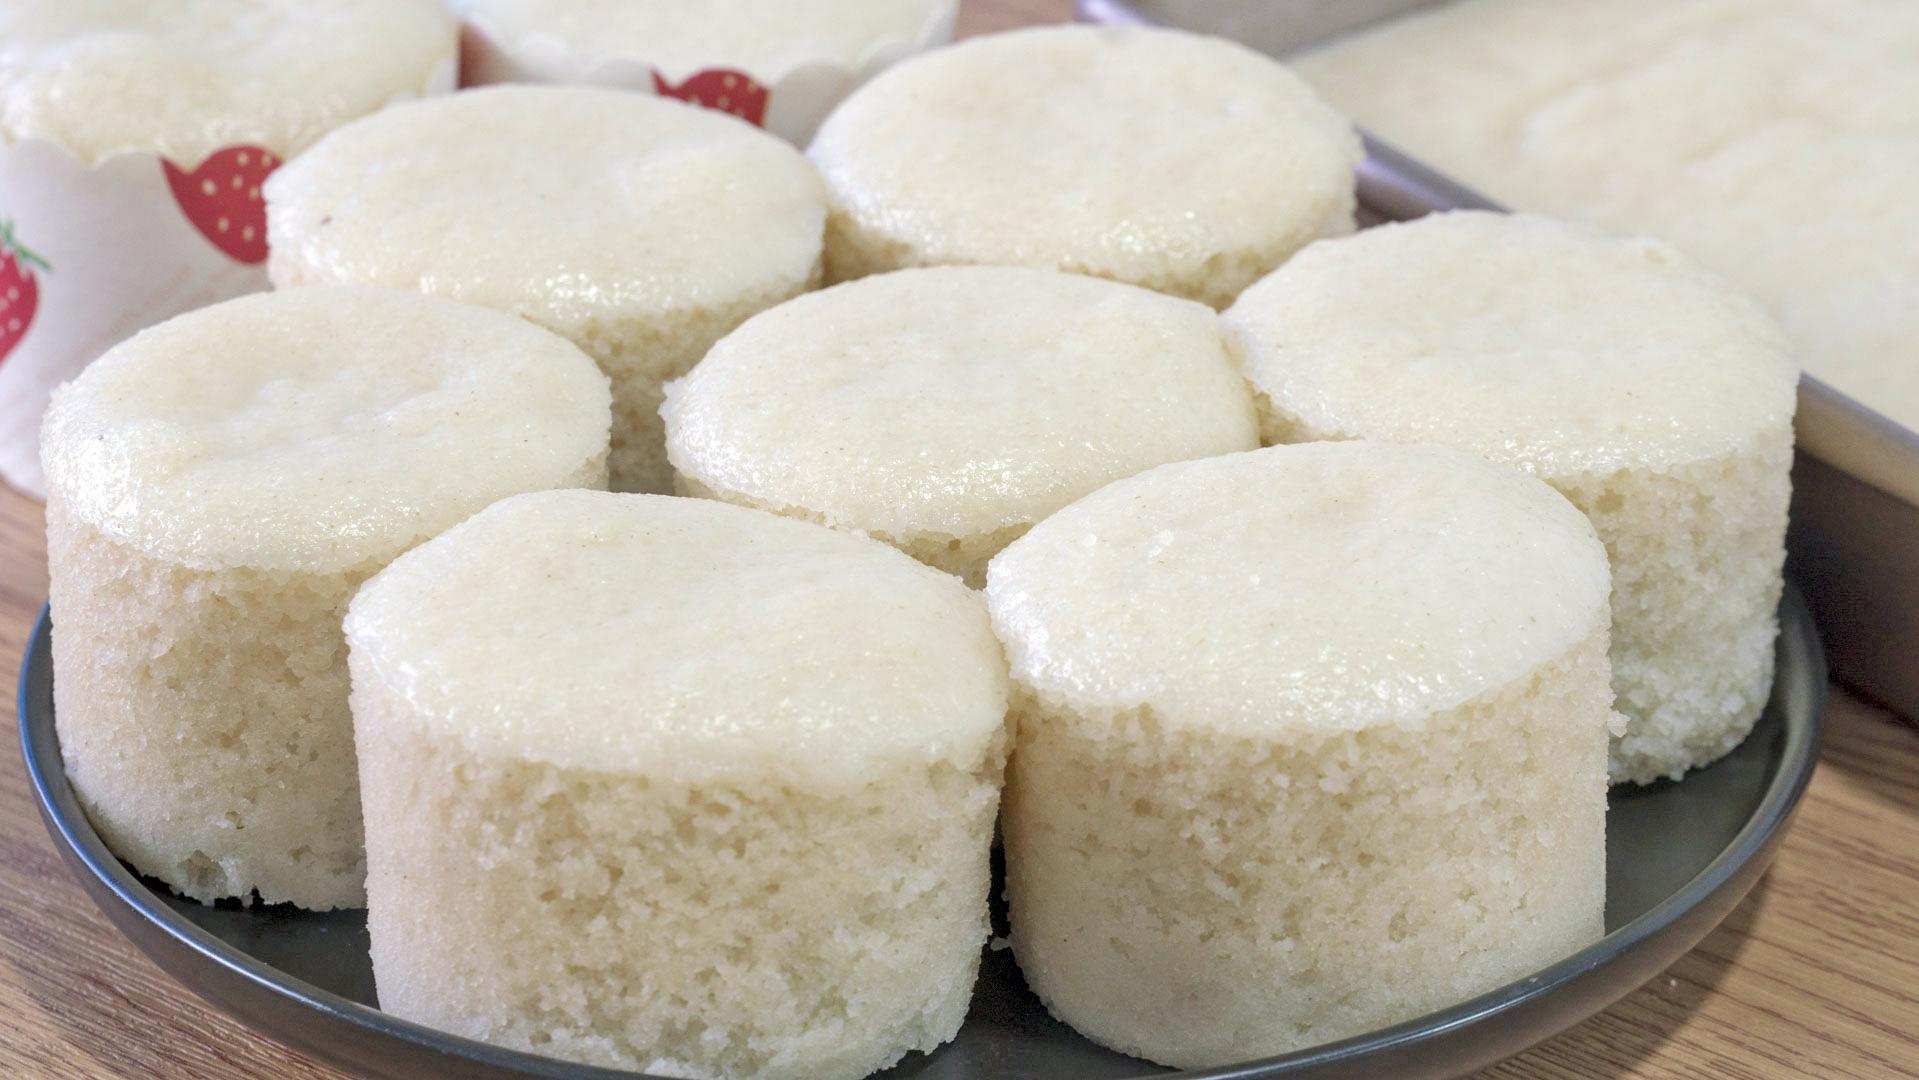 自製米發糕最簡單的做法,不揉麵,筷子攪一攪,不塌陷,色白Q彈